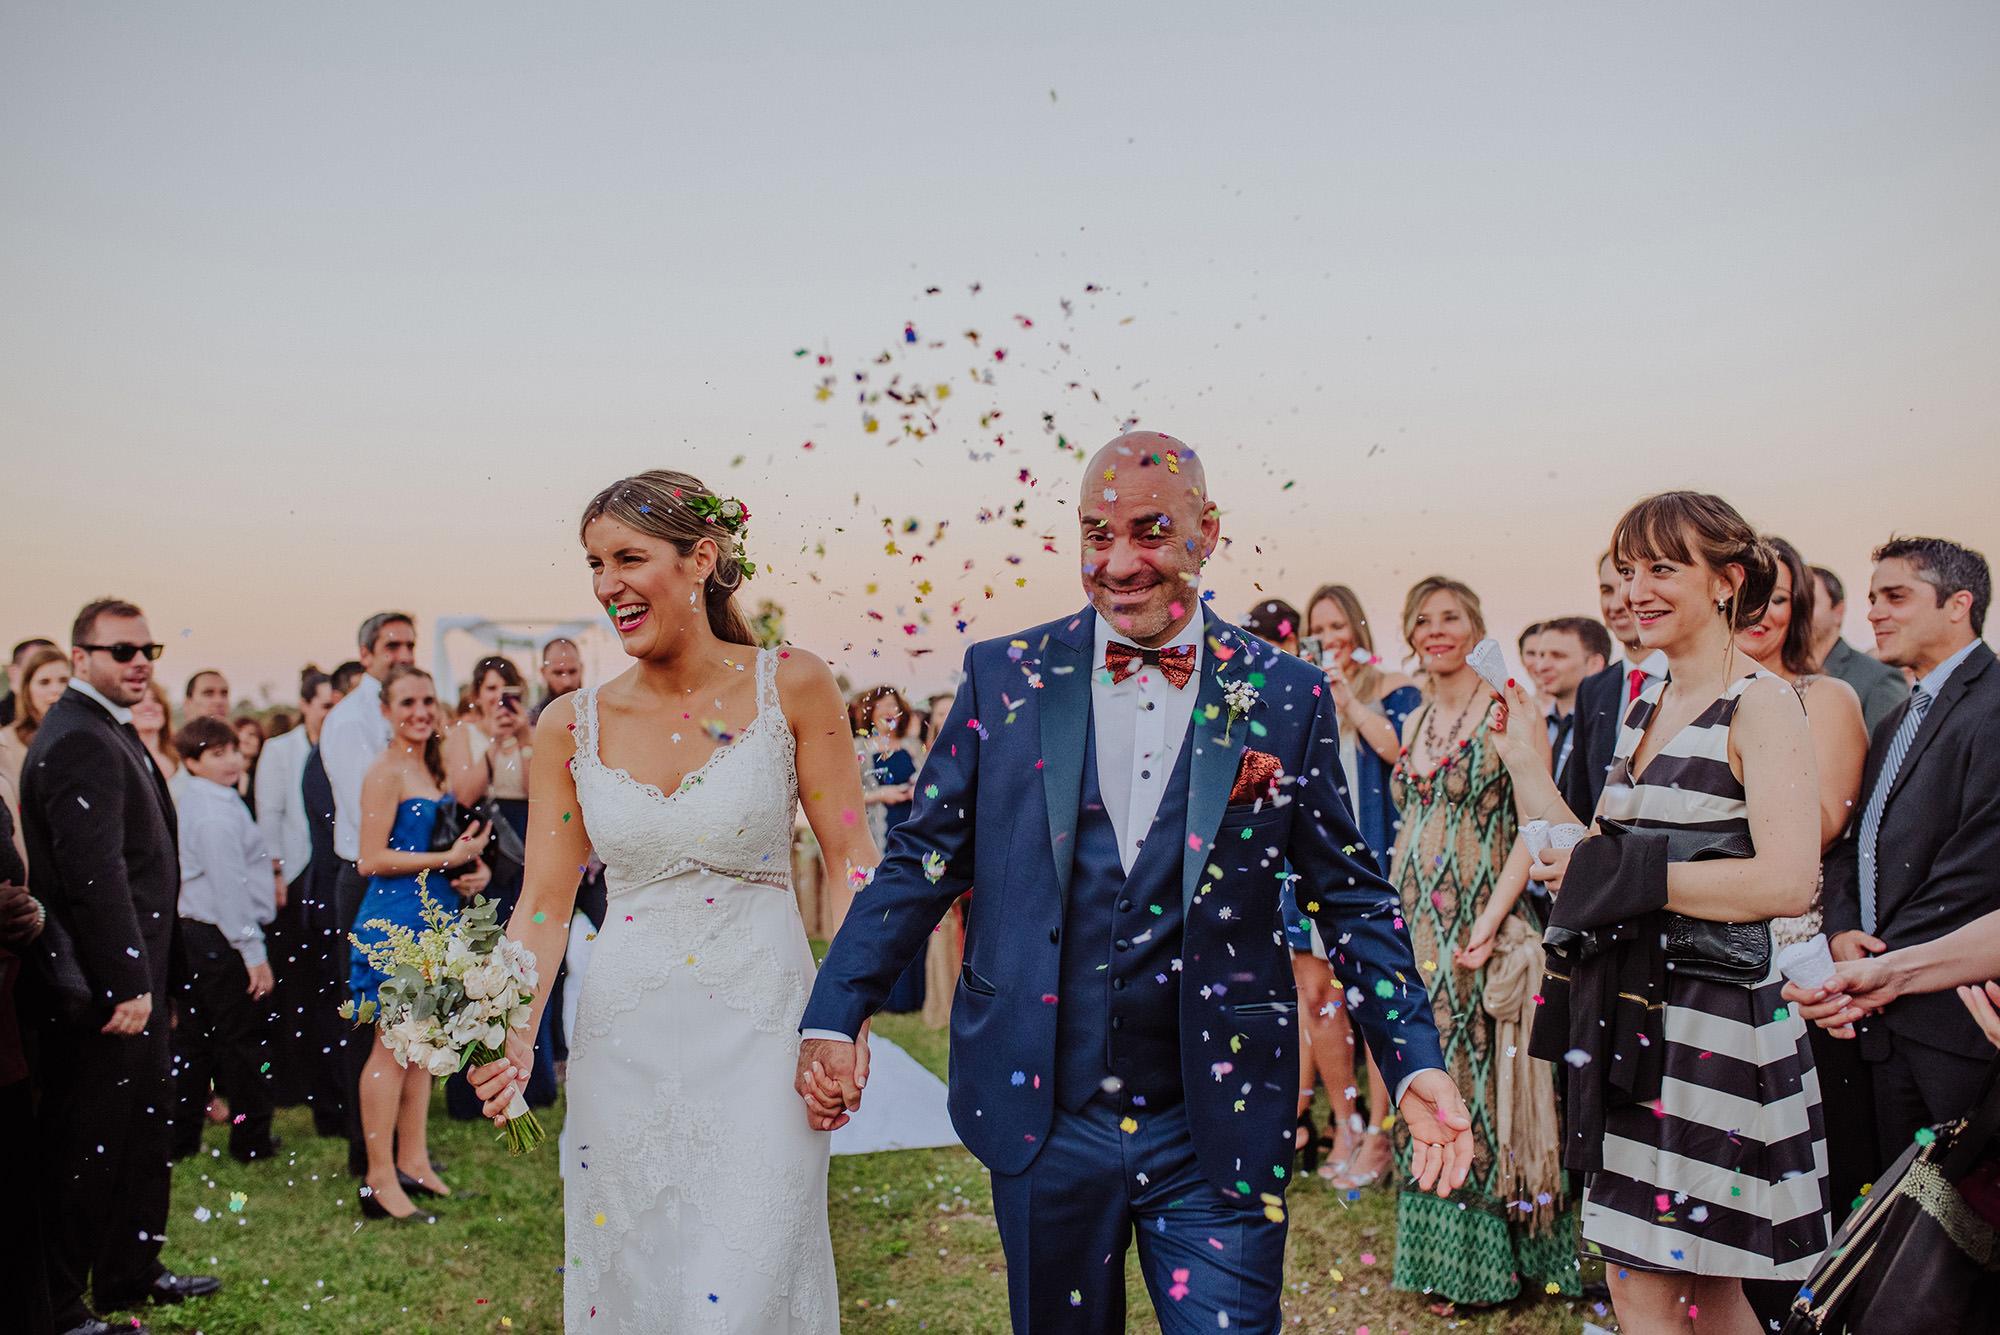 fotografos-de-casamientos-uruguay-17